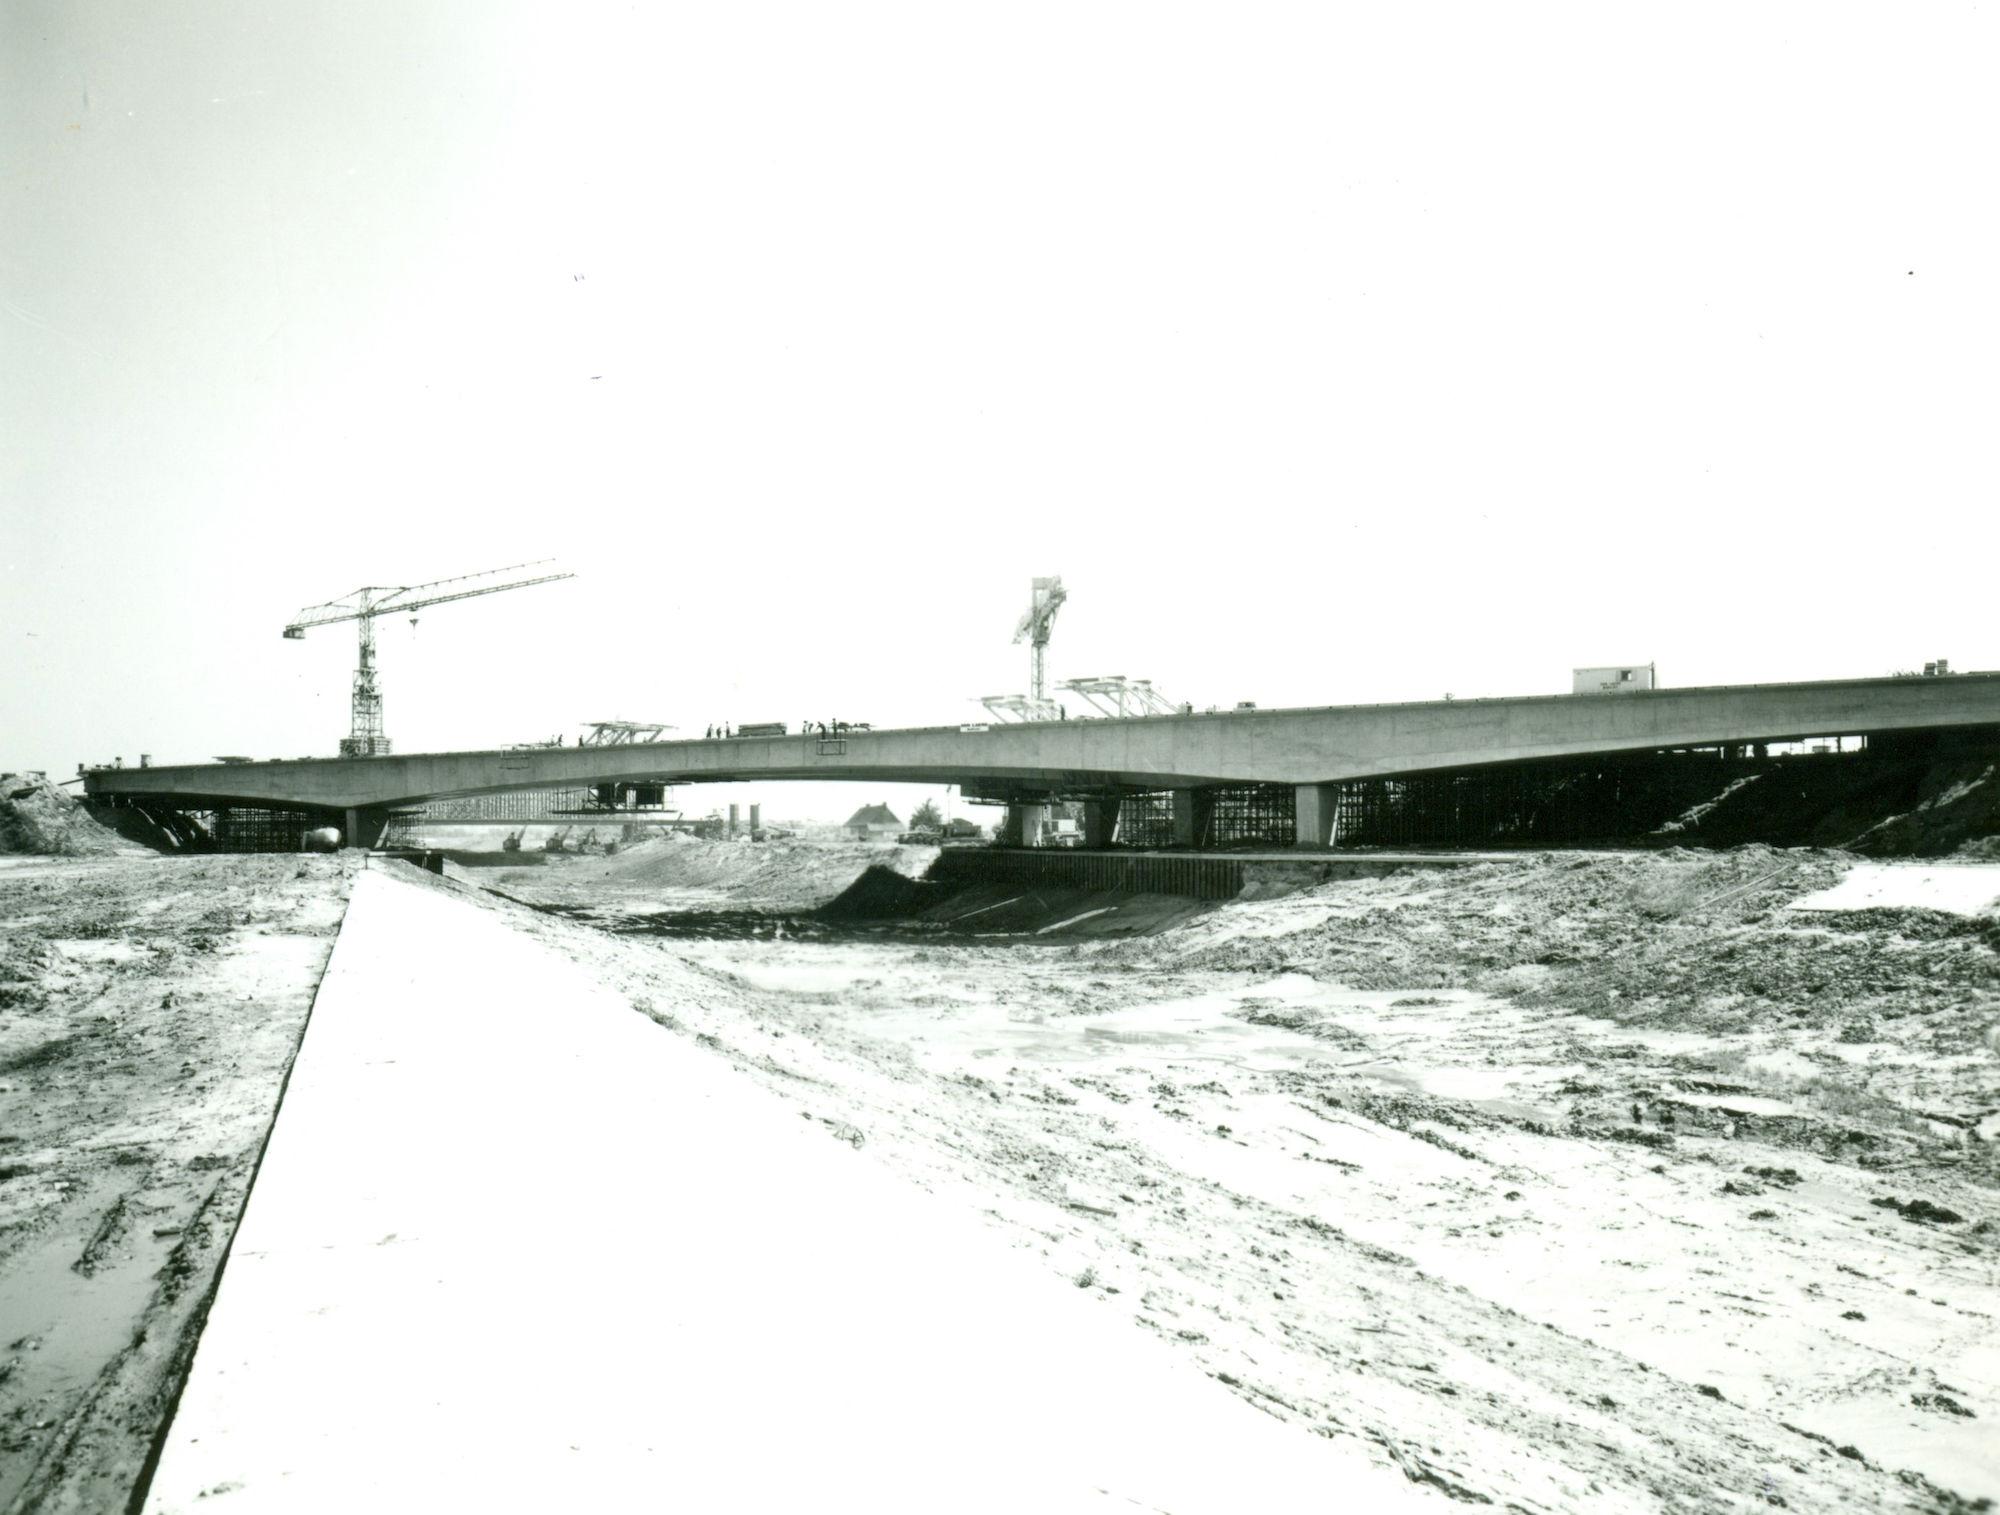 Bouw brug van de snelweg E17 over het kanaal Bossuit-Kortrijk te Harelbeke 1971